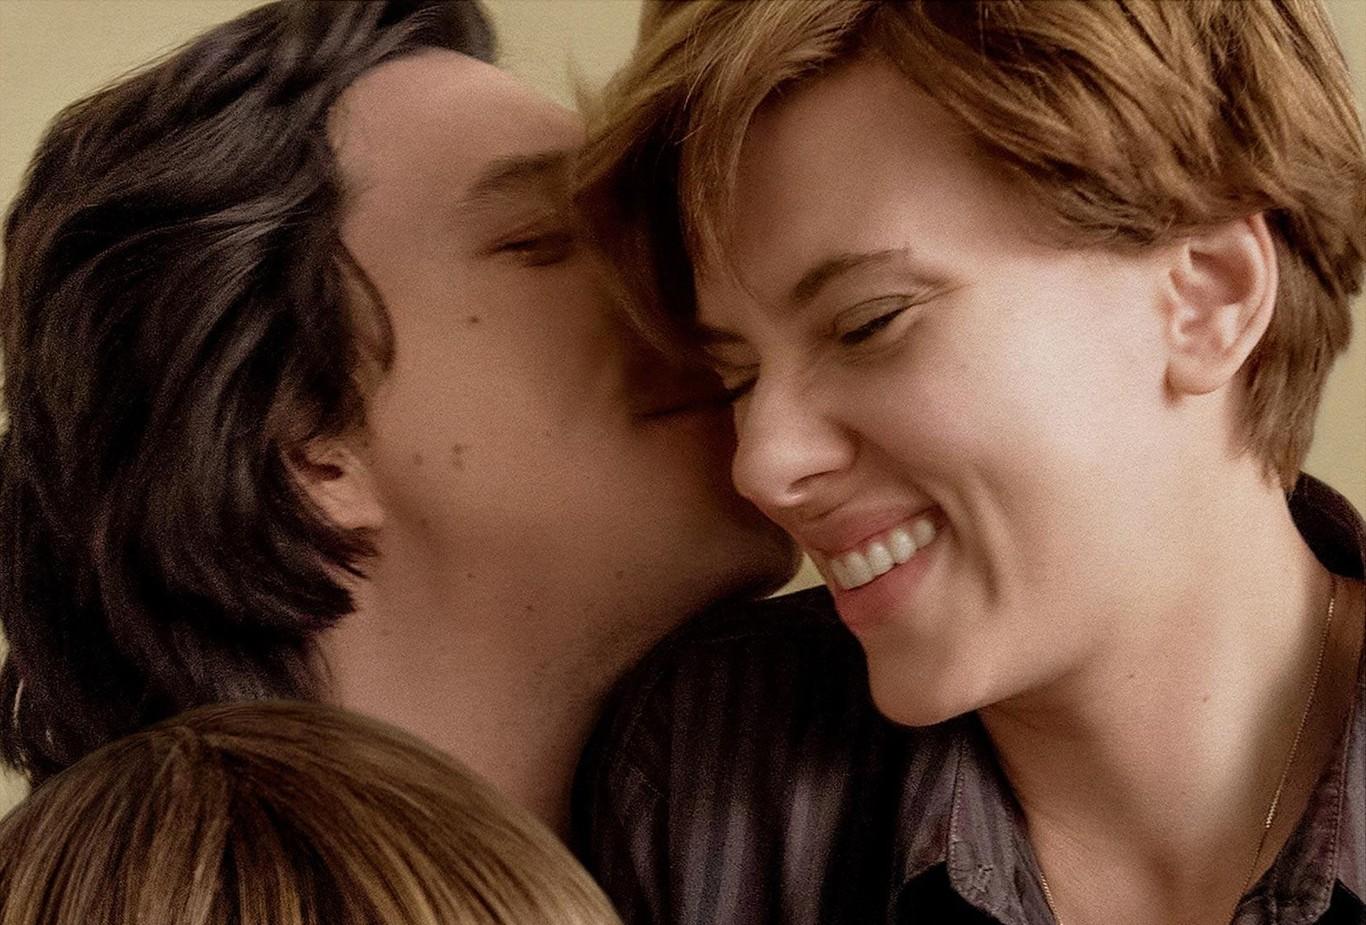 Historia De Un Matrimonio 2019 Crítica Adam Driver Y Scarlett Johansson Están Extraordinarios En Una De Las Mejores Películas De Netflix